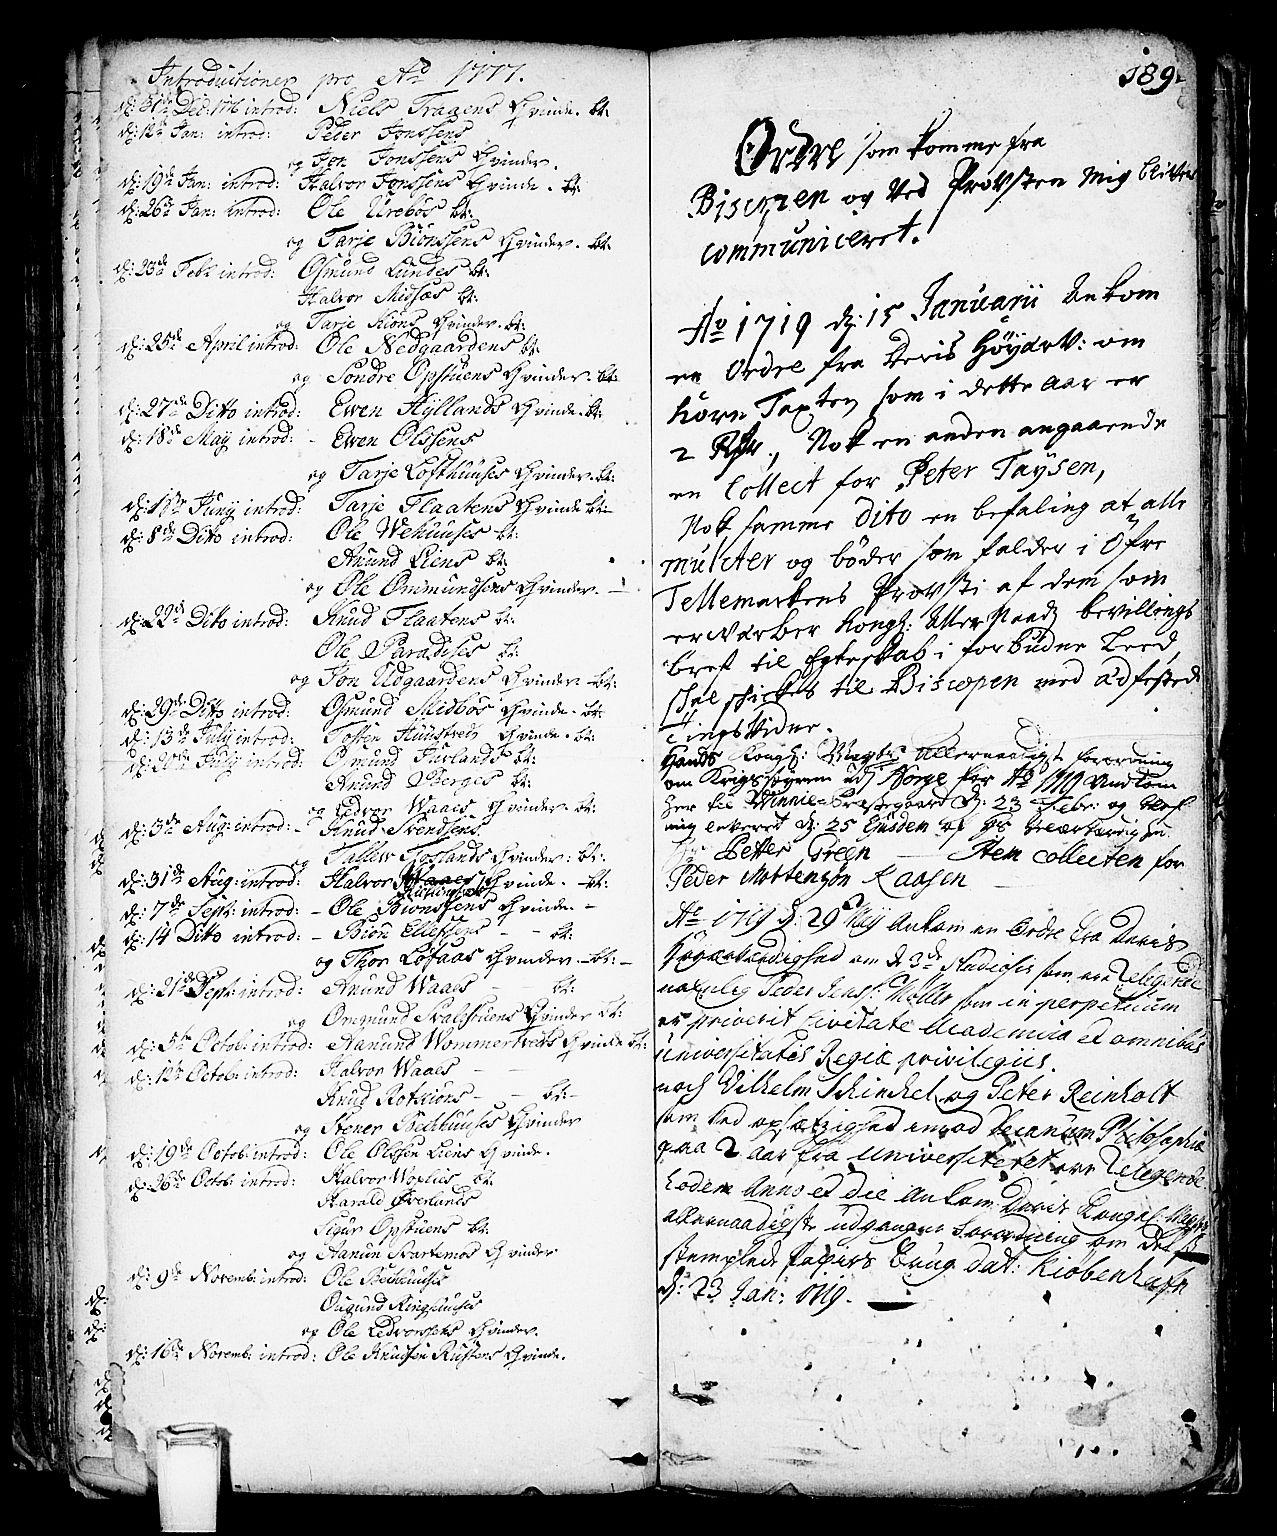 SAKO, Vinje kirkebøker, F/Fa/L0001: Ministerialbok nr. I 1, 1717-1766, s. 189